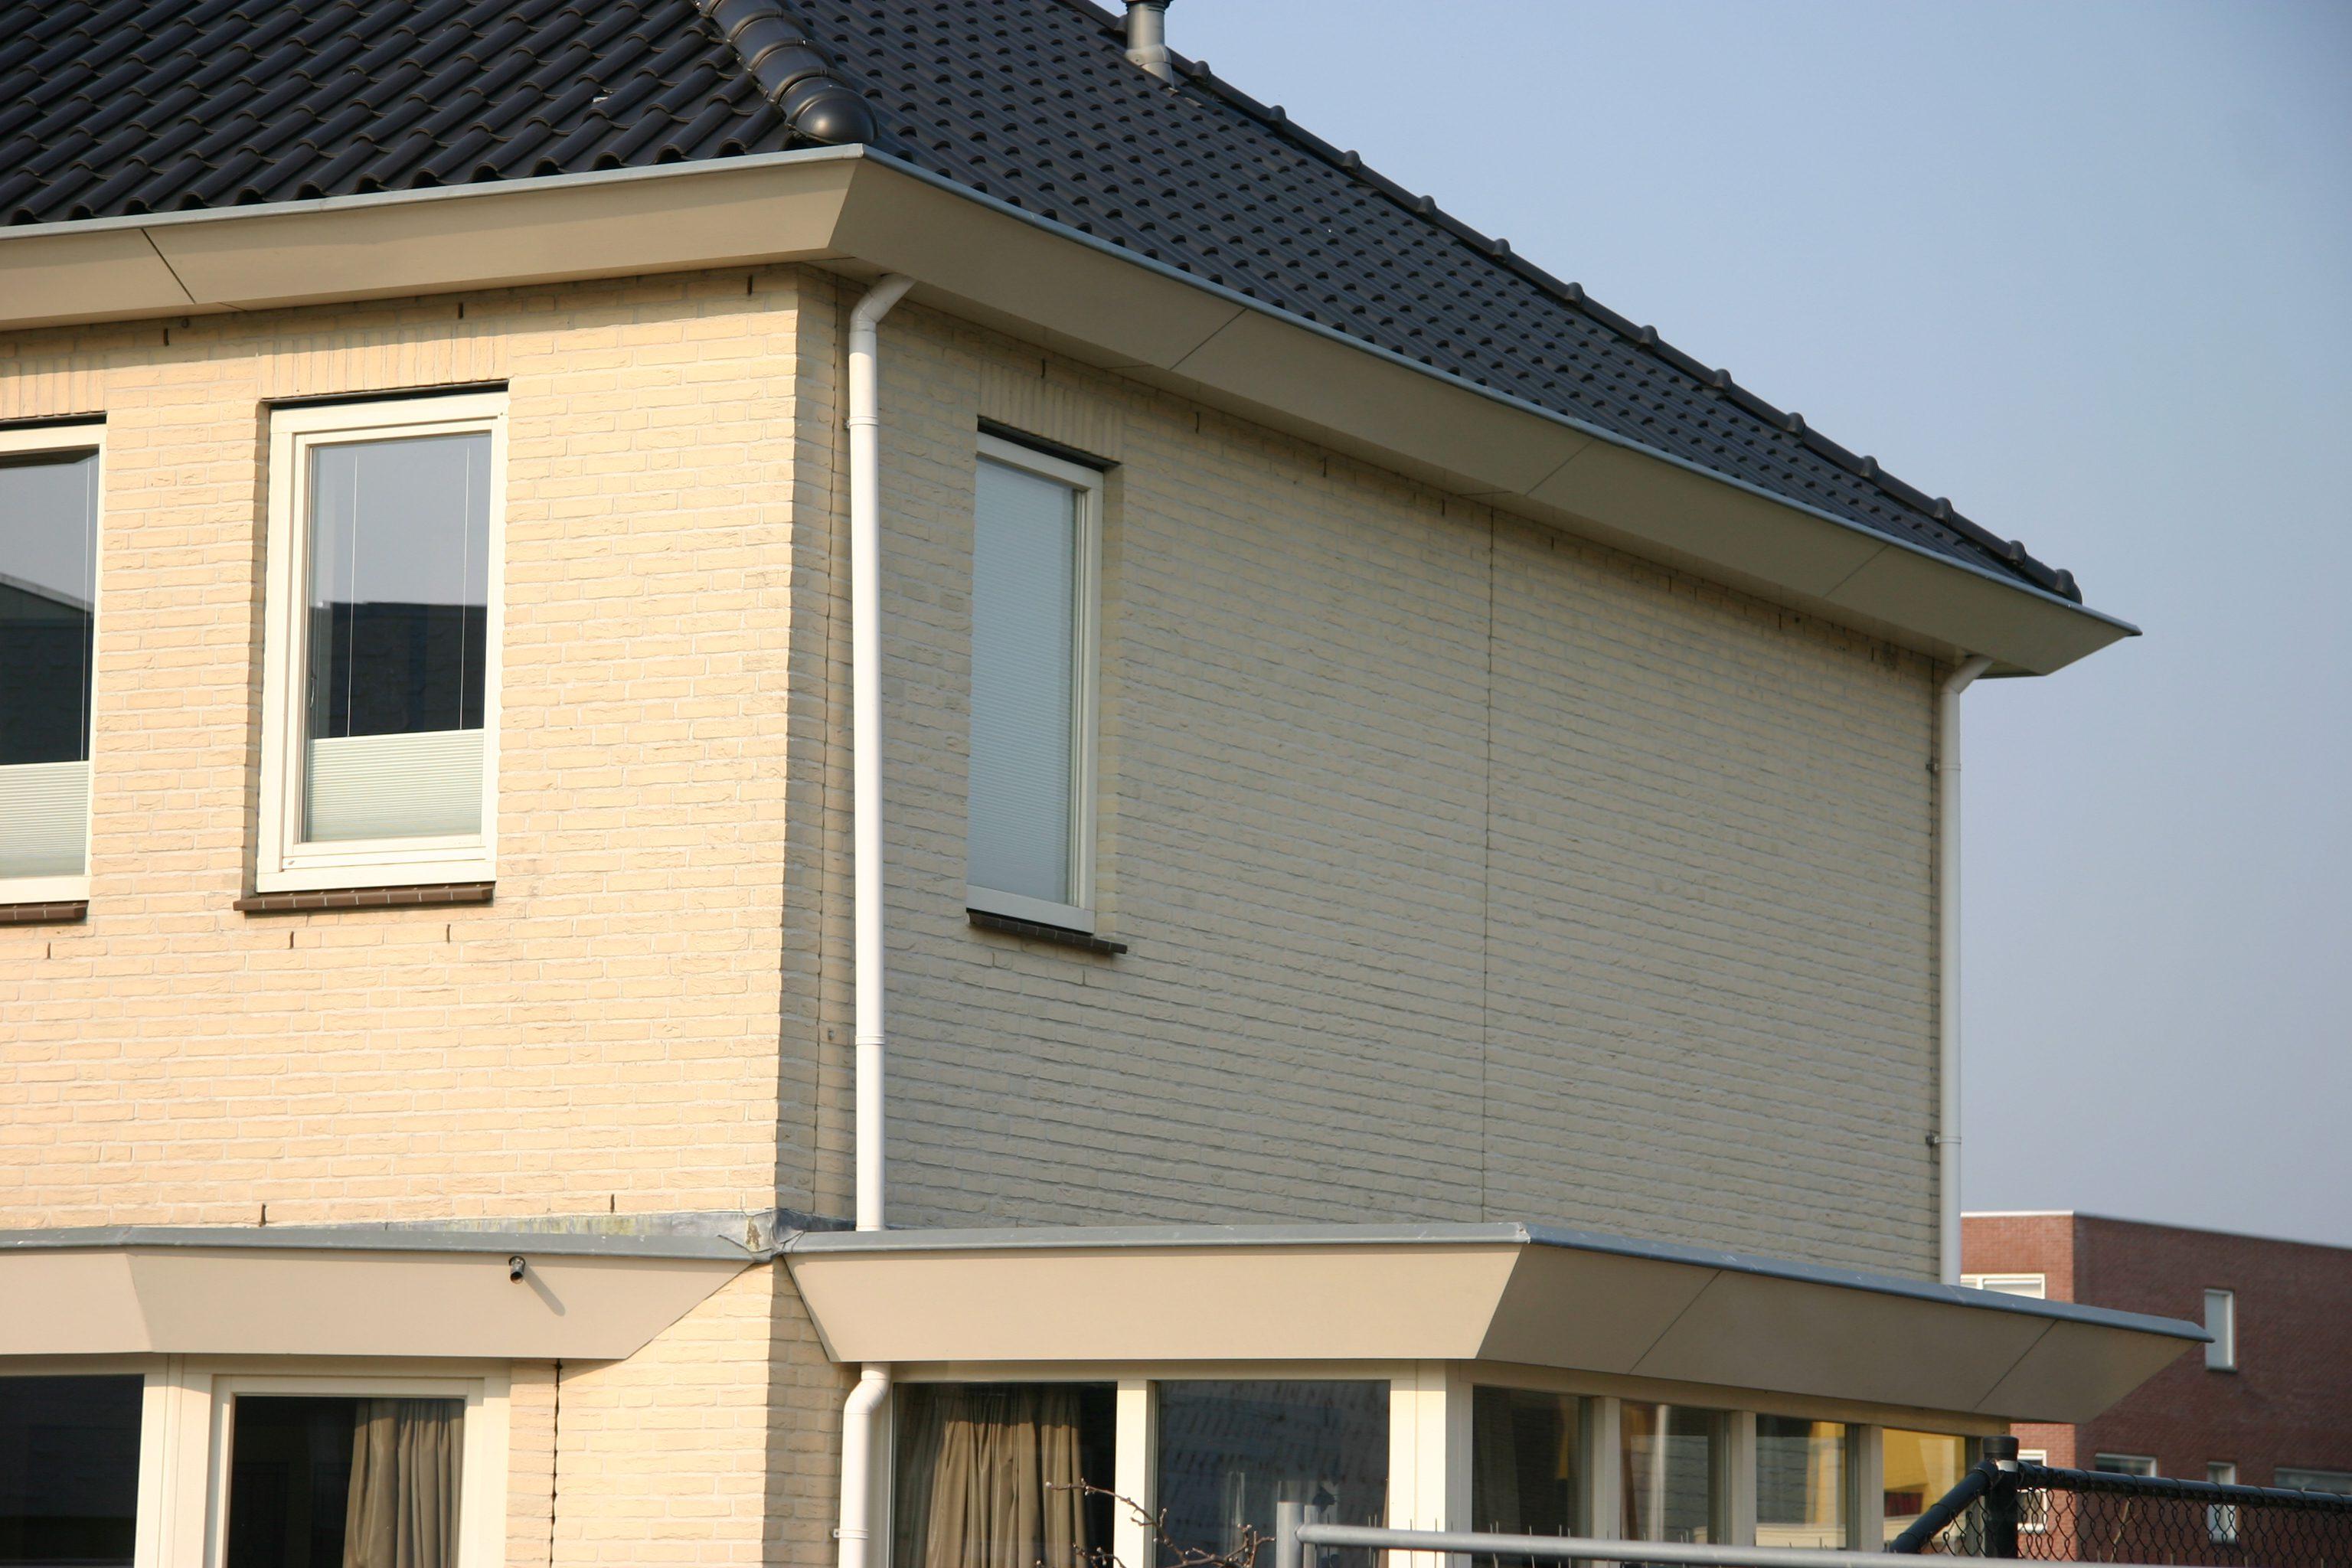 Schuin » Bouwwereld.nl